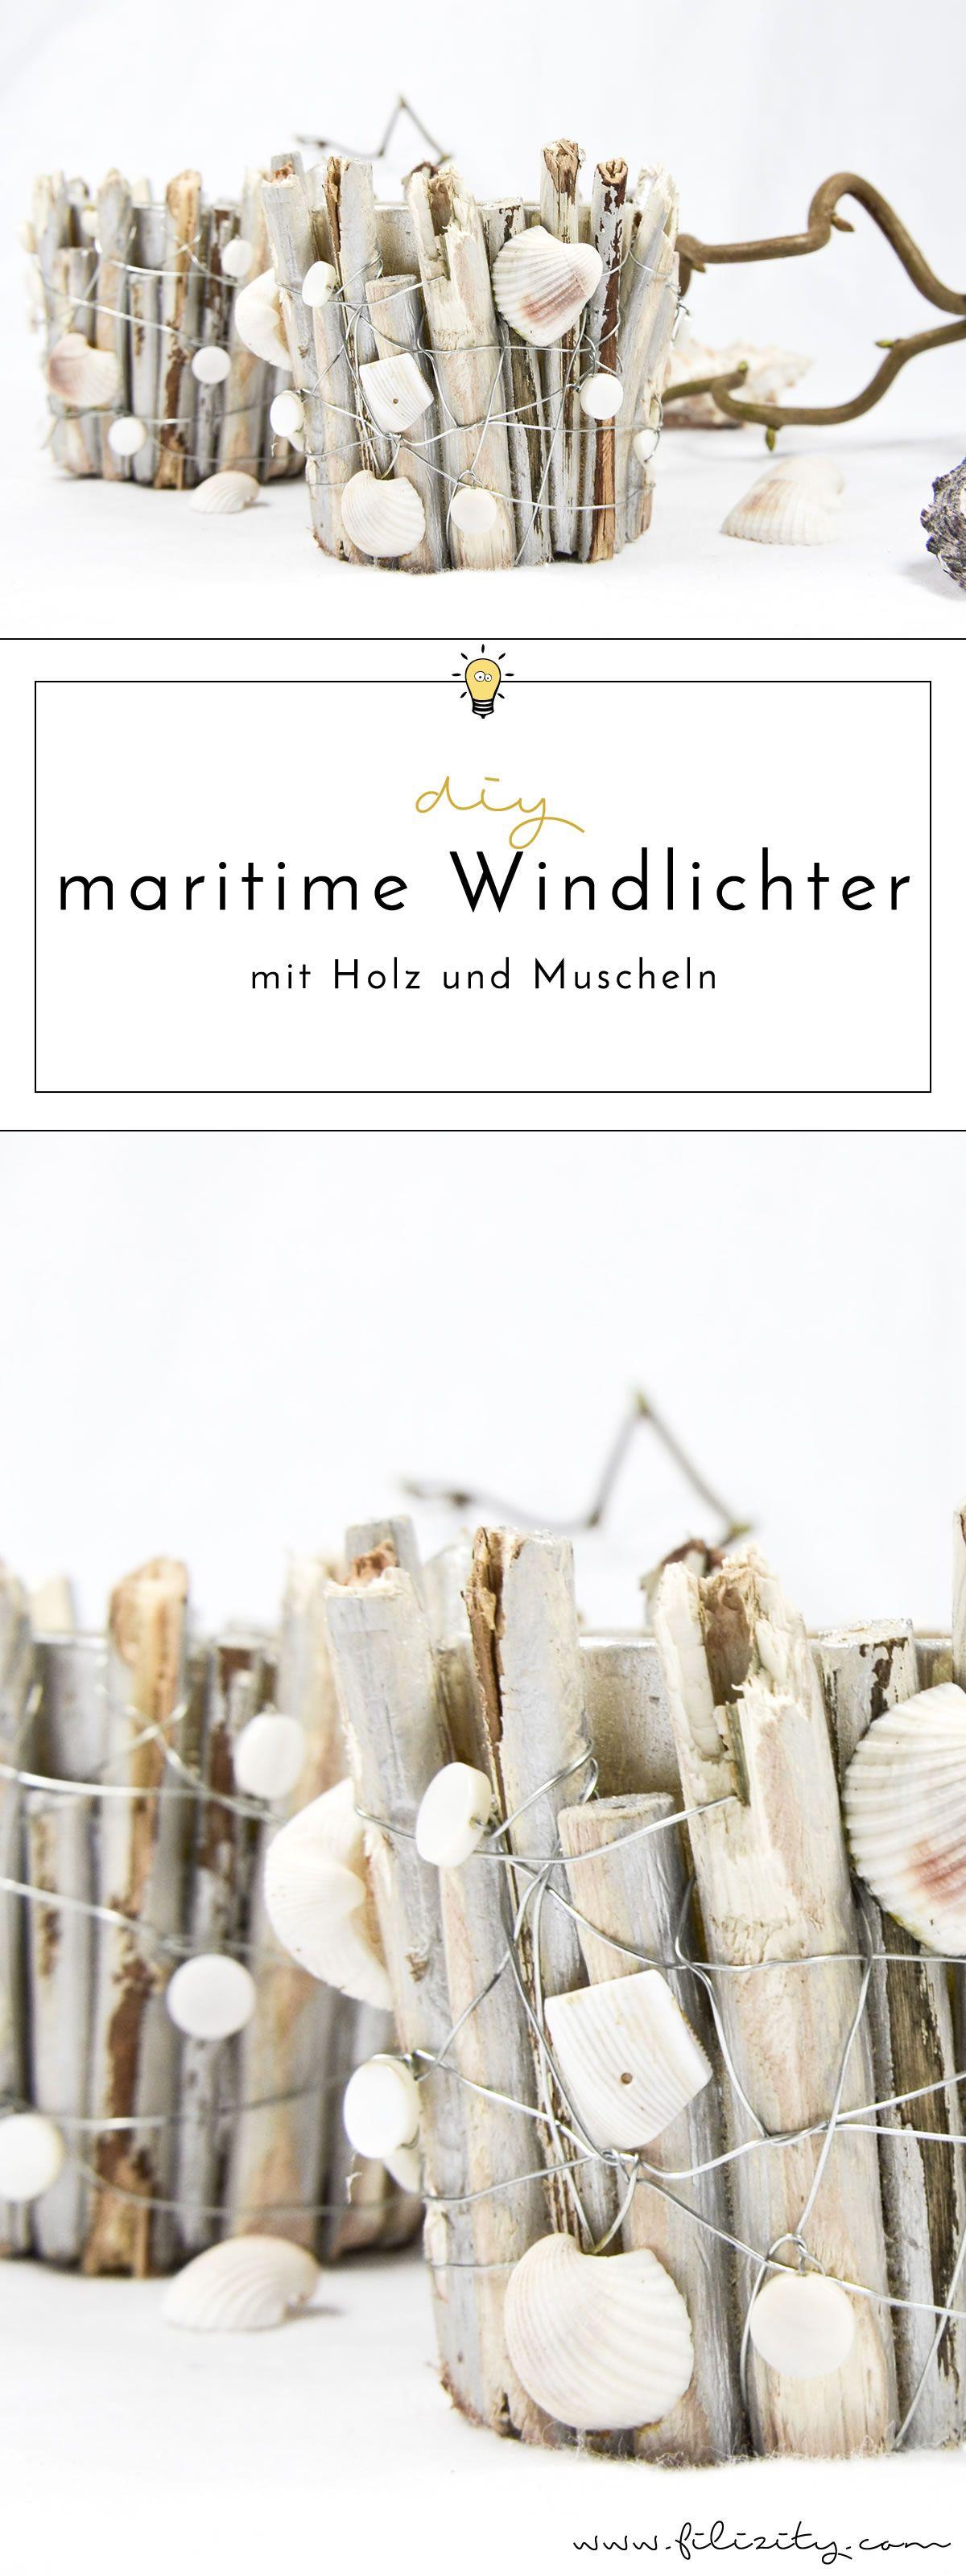 Maritime Windlichter mit Muscheln und Holz | Windlicht, Muschel und ...